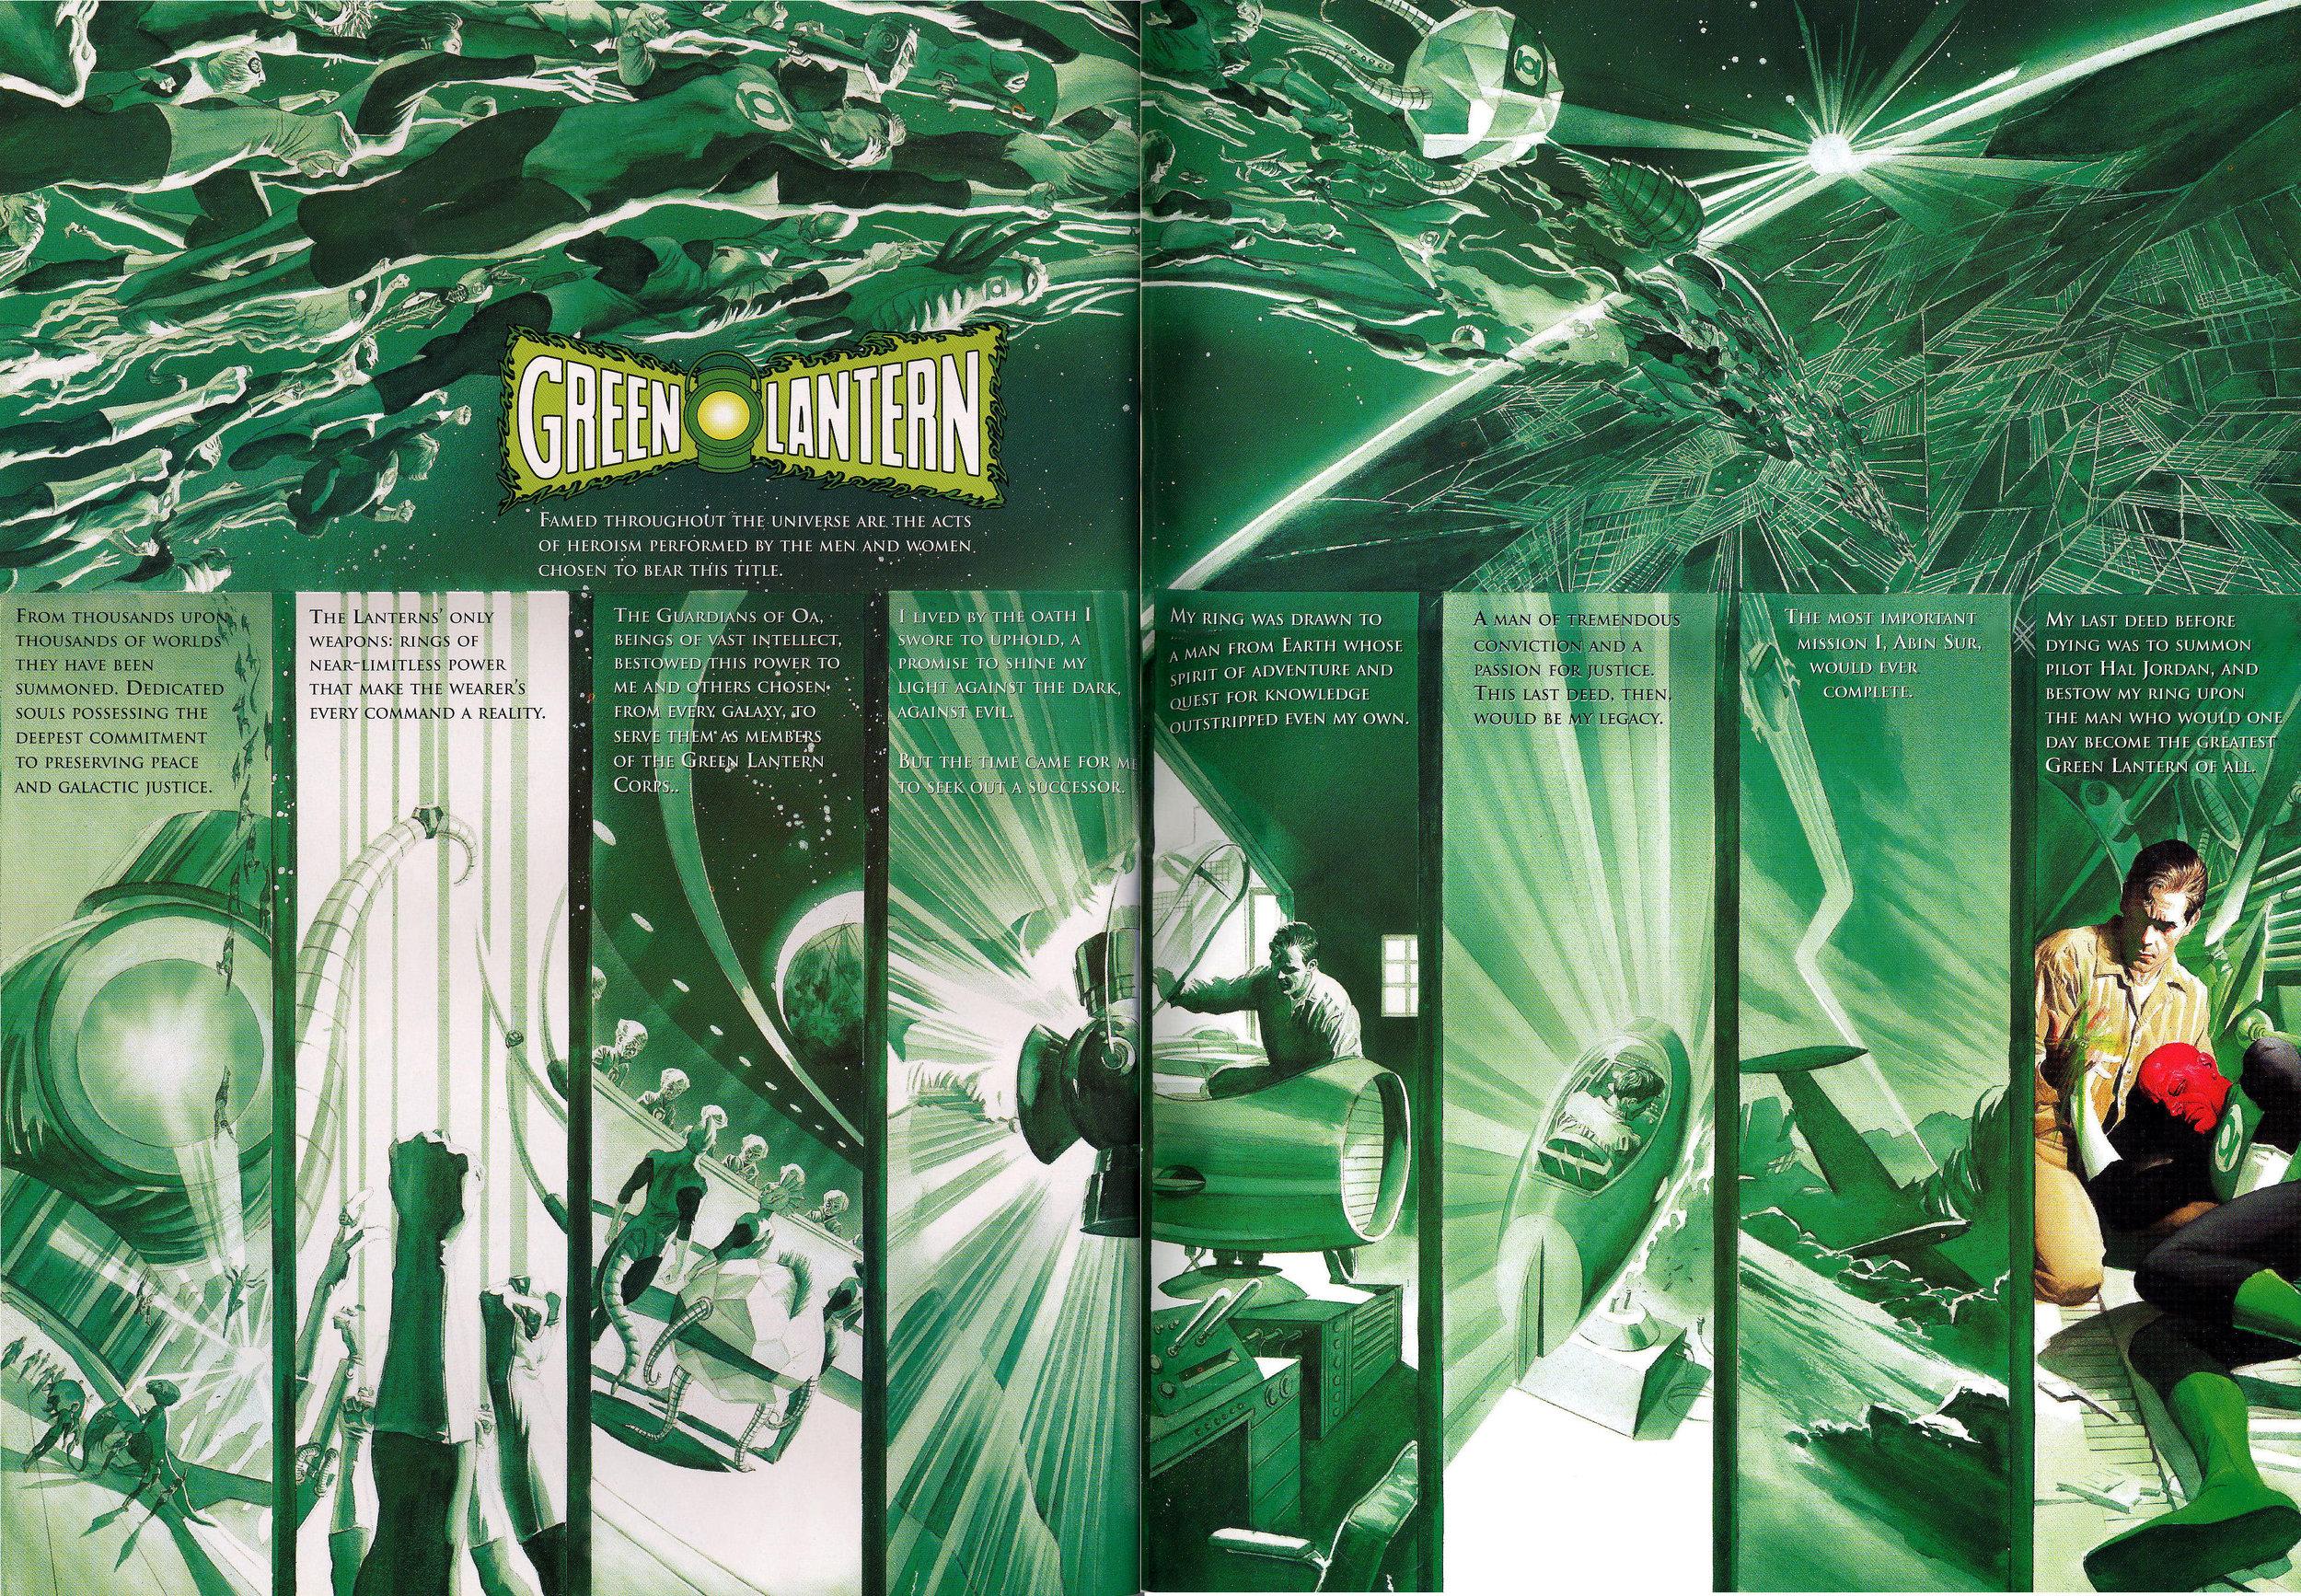 JLA: Secret Origins (2002) Green Lantern, written by Paul Dini with art by Alex Ross.